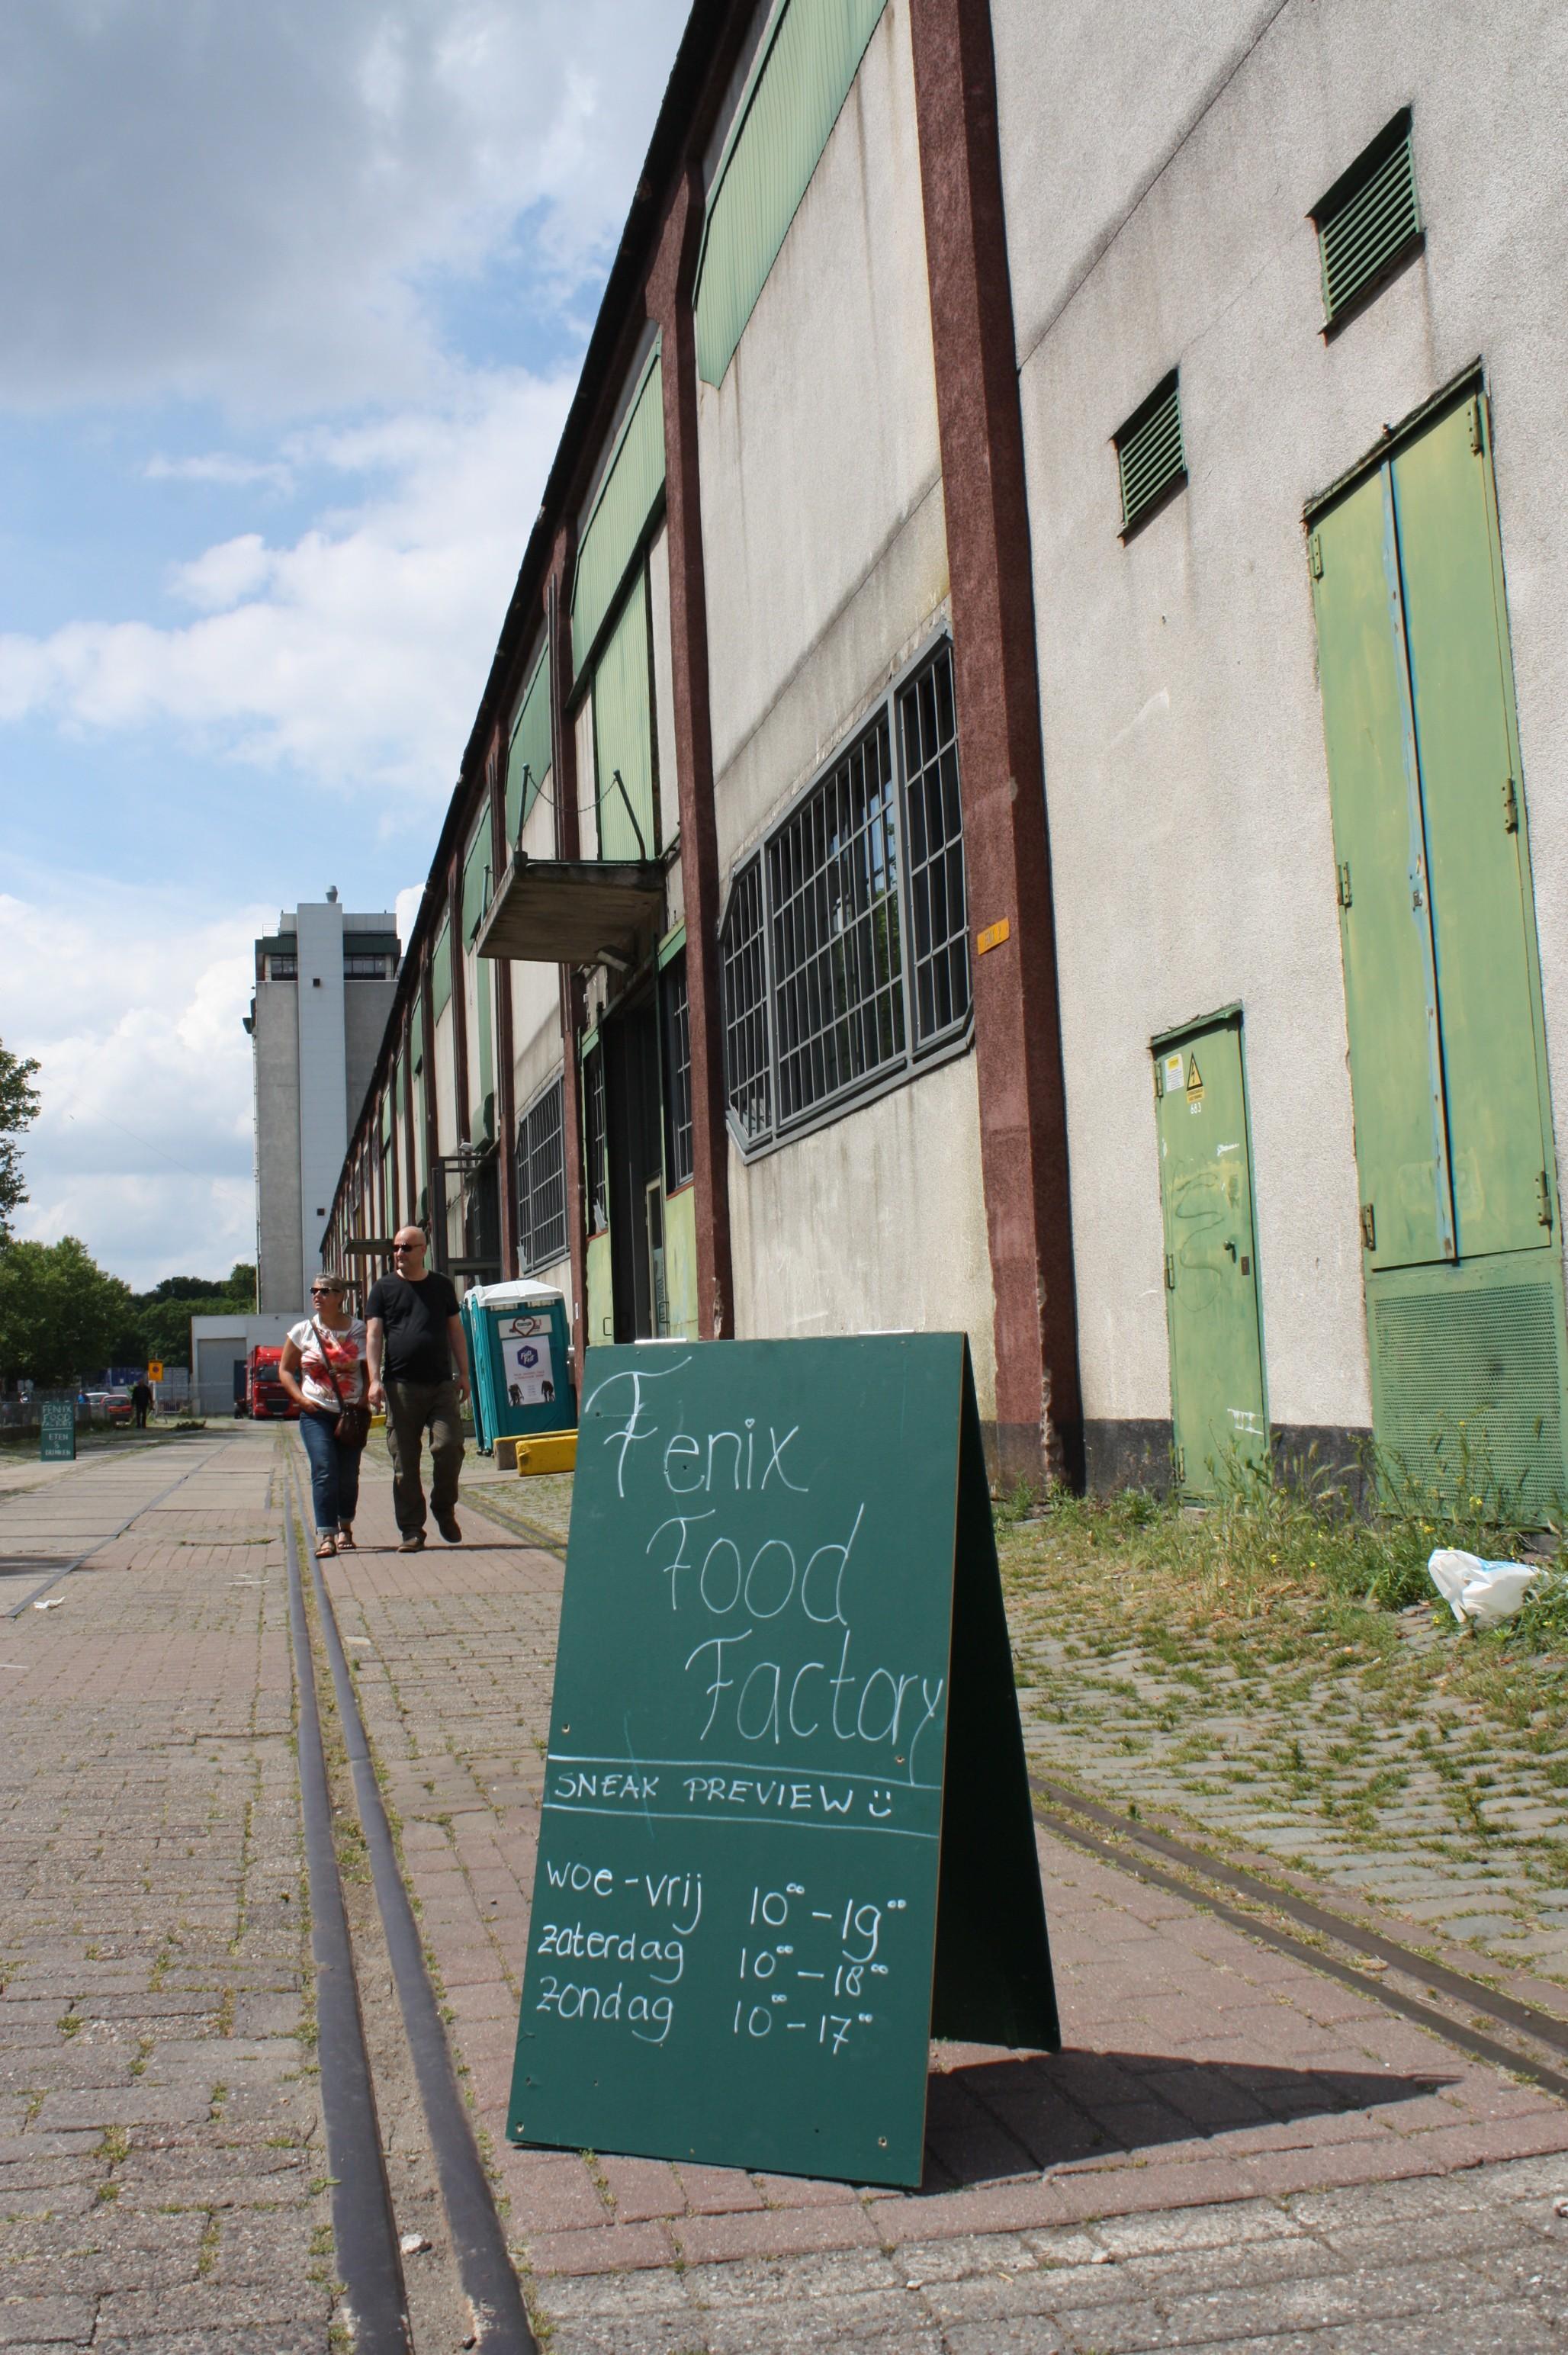 Fenix Food Factory foto: J. Spoelman